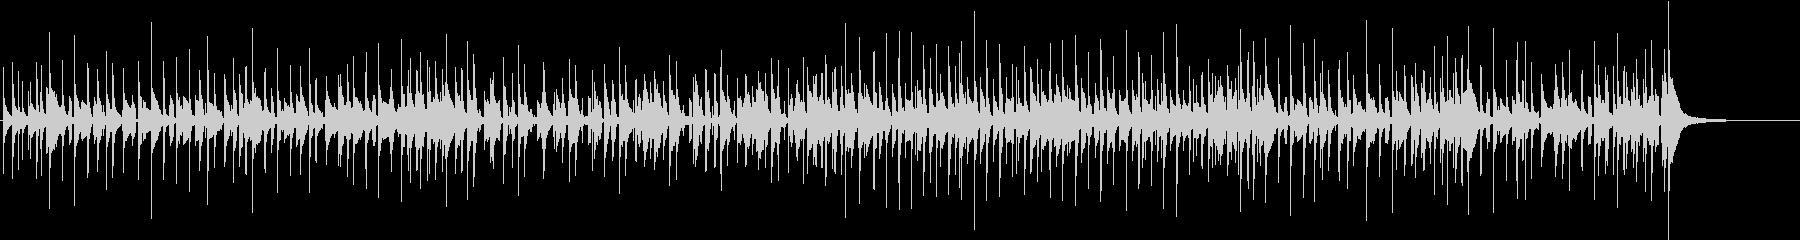 ドラムベースのゆるいファンクの未再生の波形